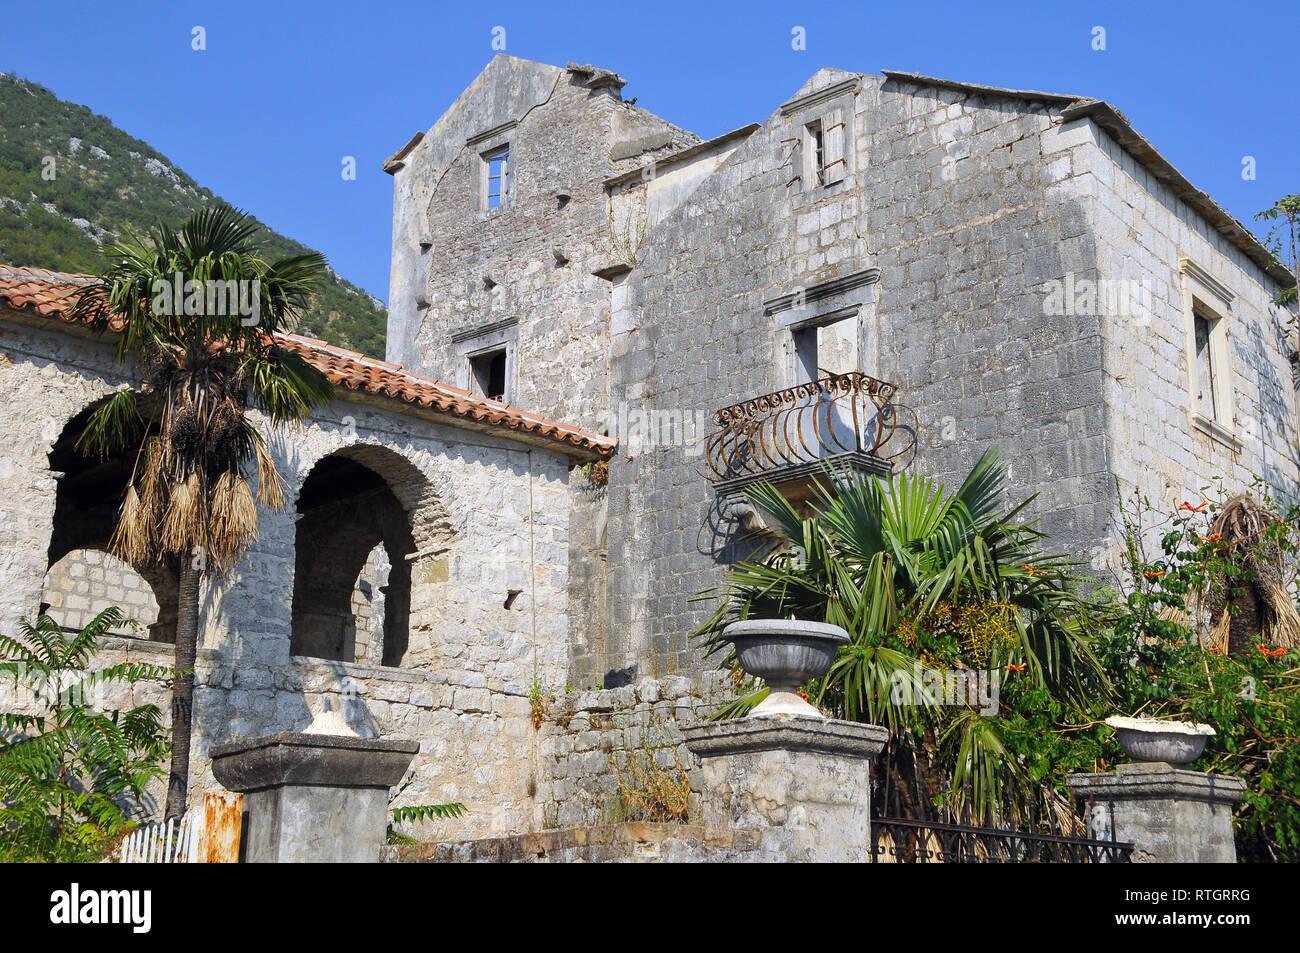 Old town, Perast, Montenegro. - Stock Image